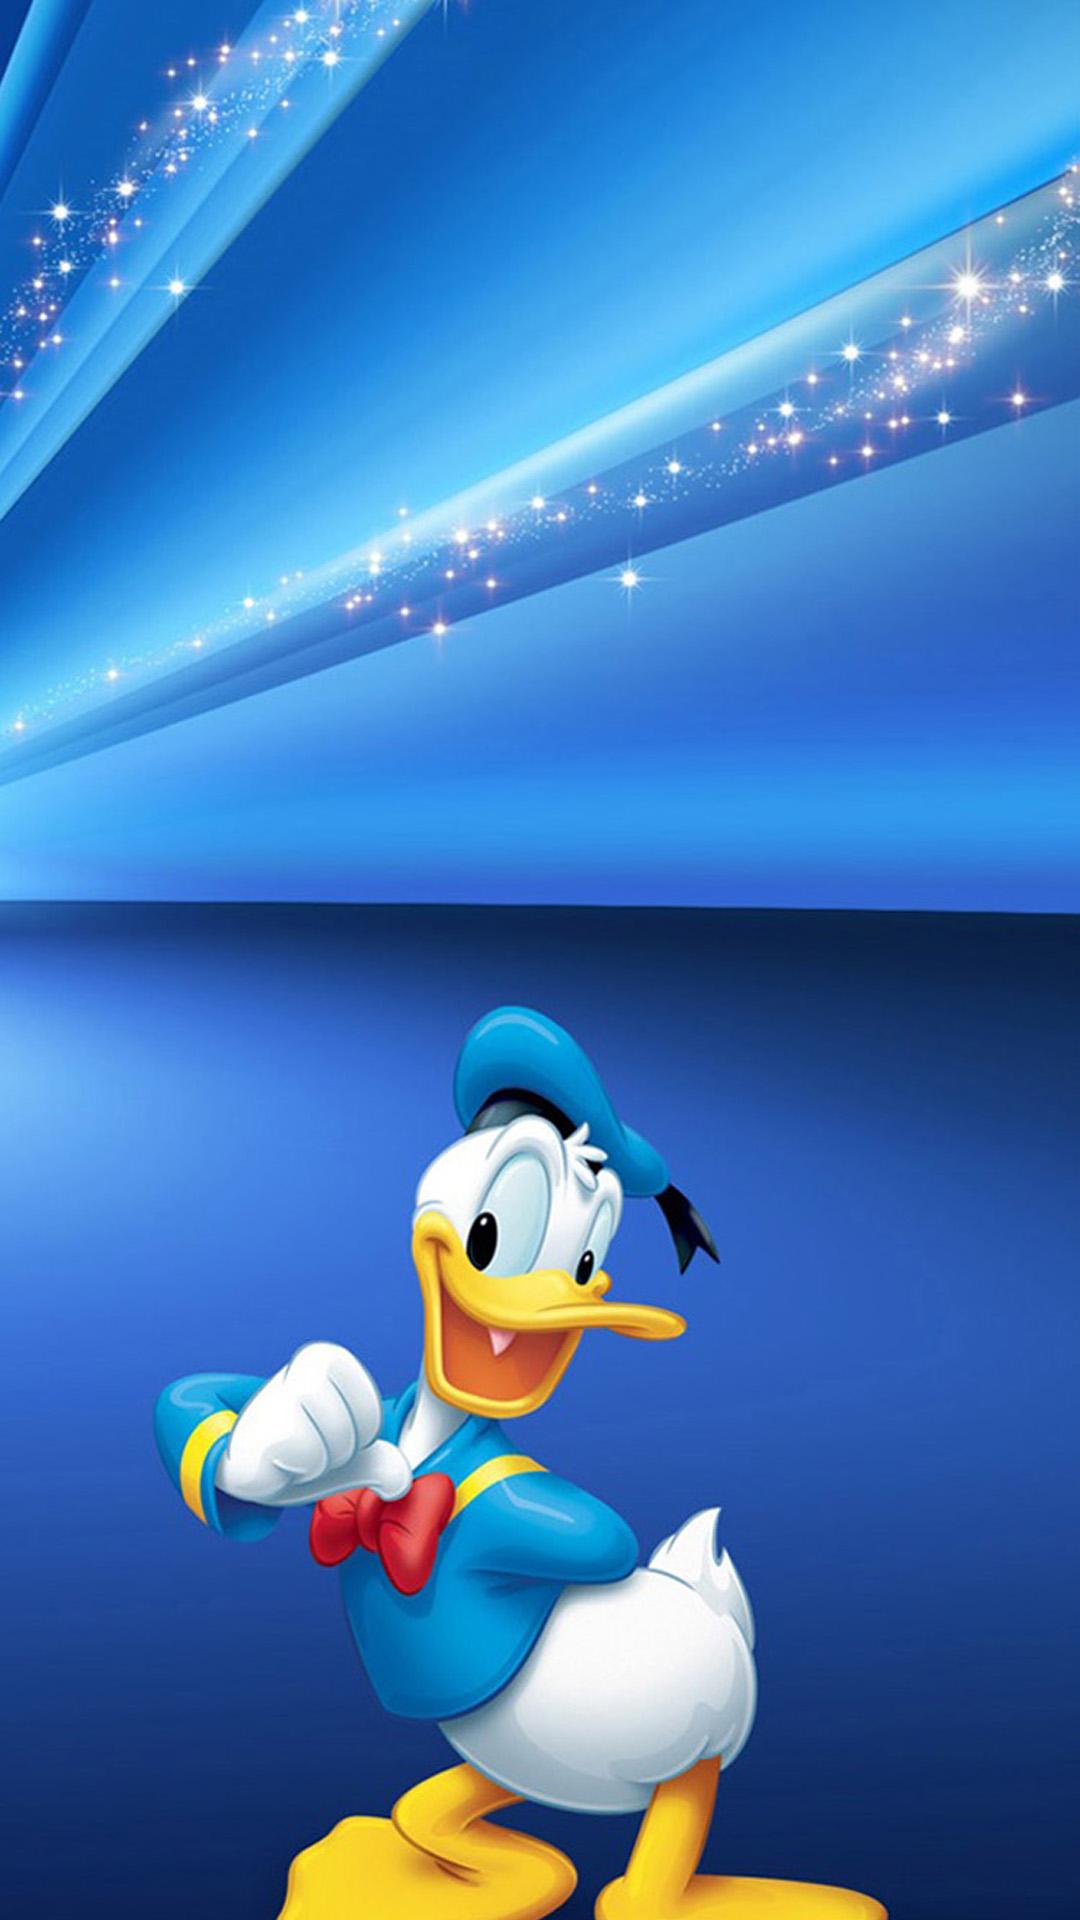 Iphone X Wallpaper Hd Donald Duck - HD Wallpaper